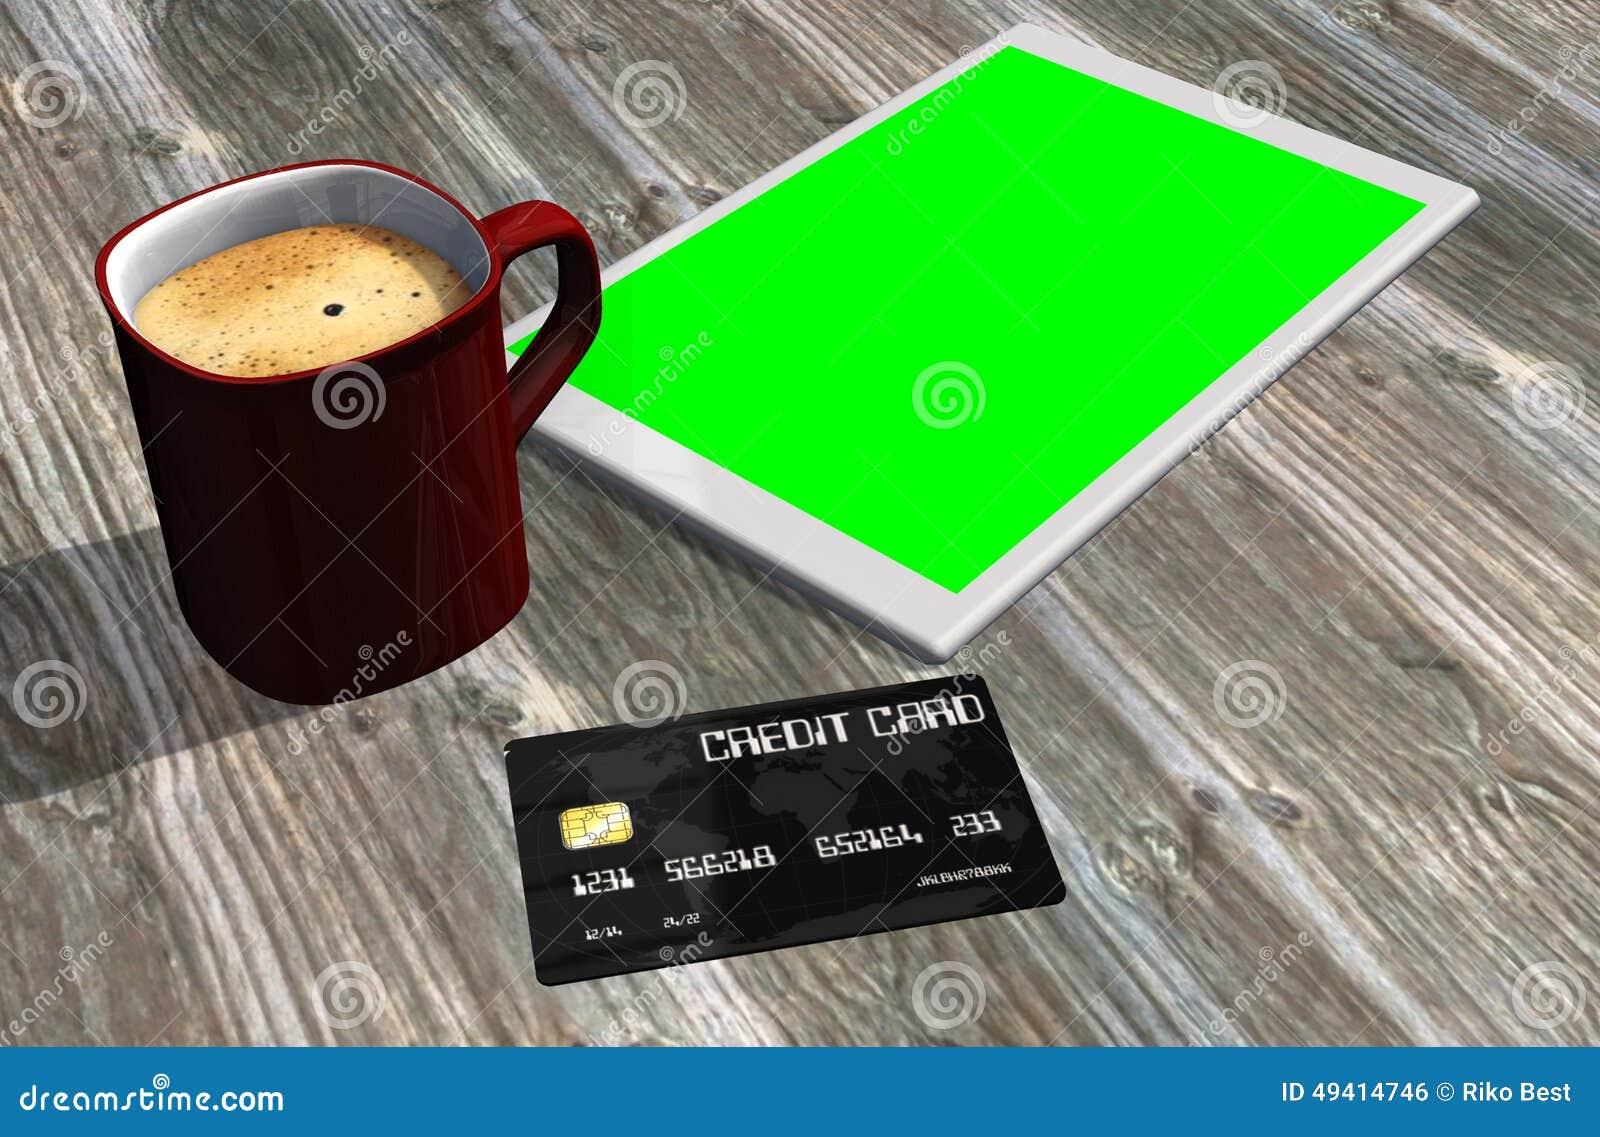 Download Grüne Schirmtablet-pc-Kreditkarte Und -Tasse Kaffee Stock Abbildung - Illustration von internet, schreibtisch: 49414746